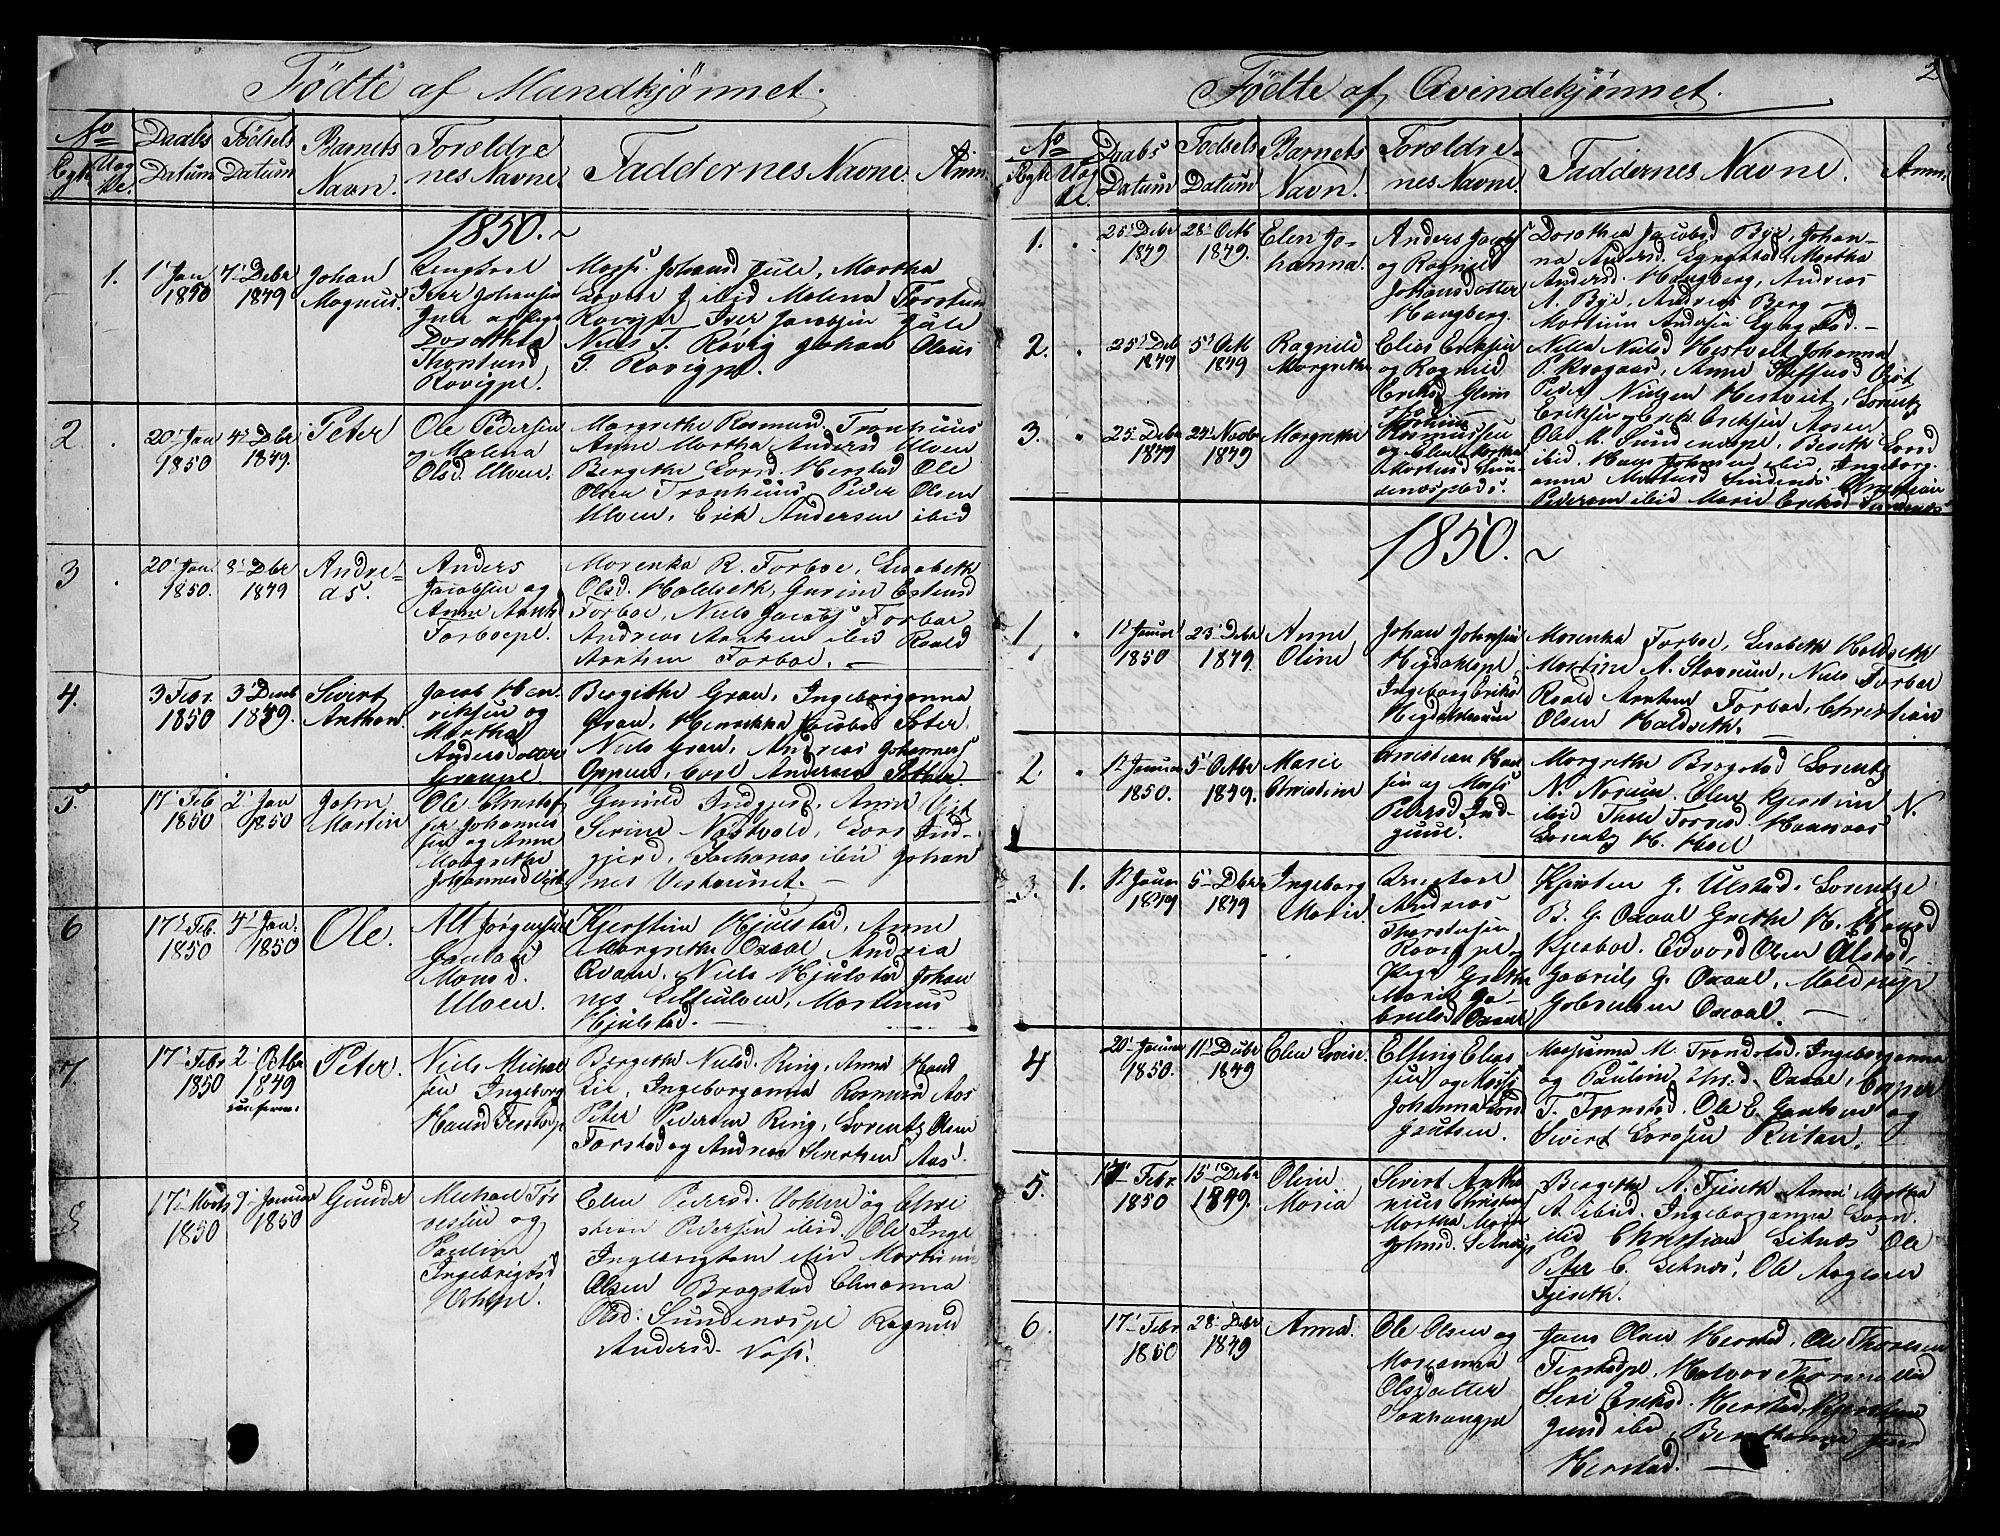 SAT, Ministerialprotokoller, klokkerbøker og fødselsregistre - Nord-Trøndelag, 730/L0299: Klokkerbok nr. 730C02, 1849-1871, s. 2